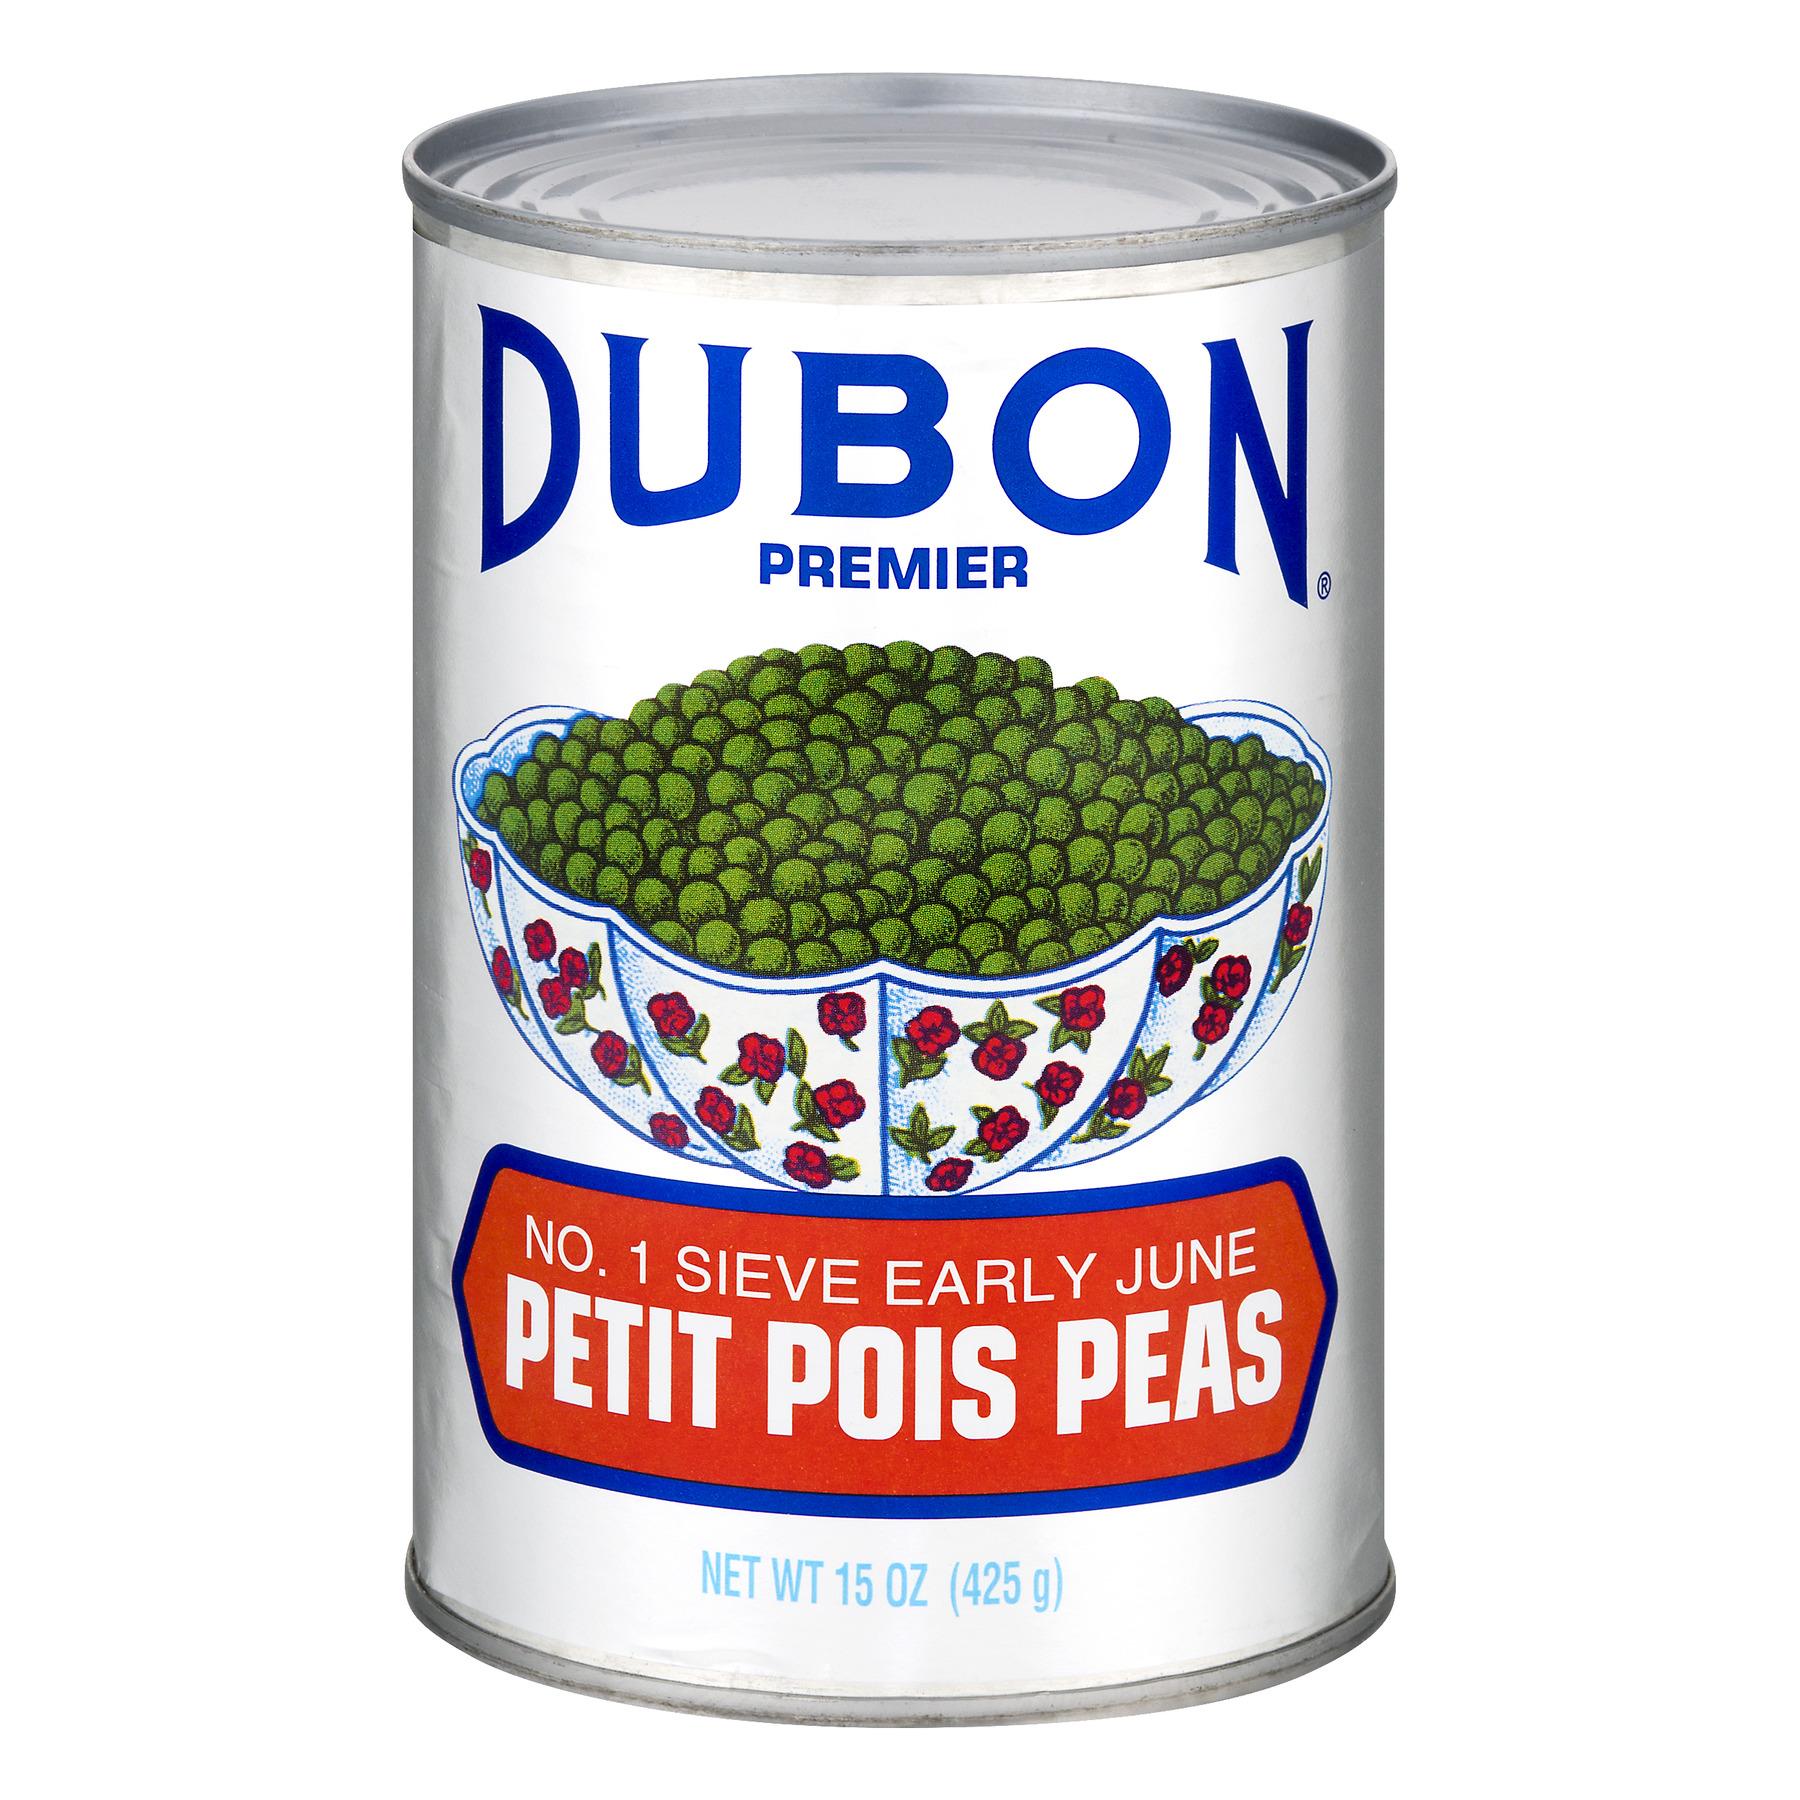 (3 Pack) Dubon Premier Petit Pois Peas, 15 oz